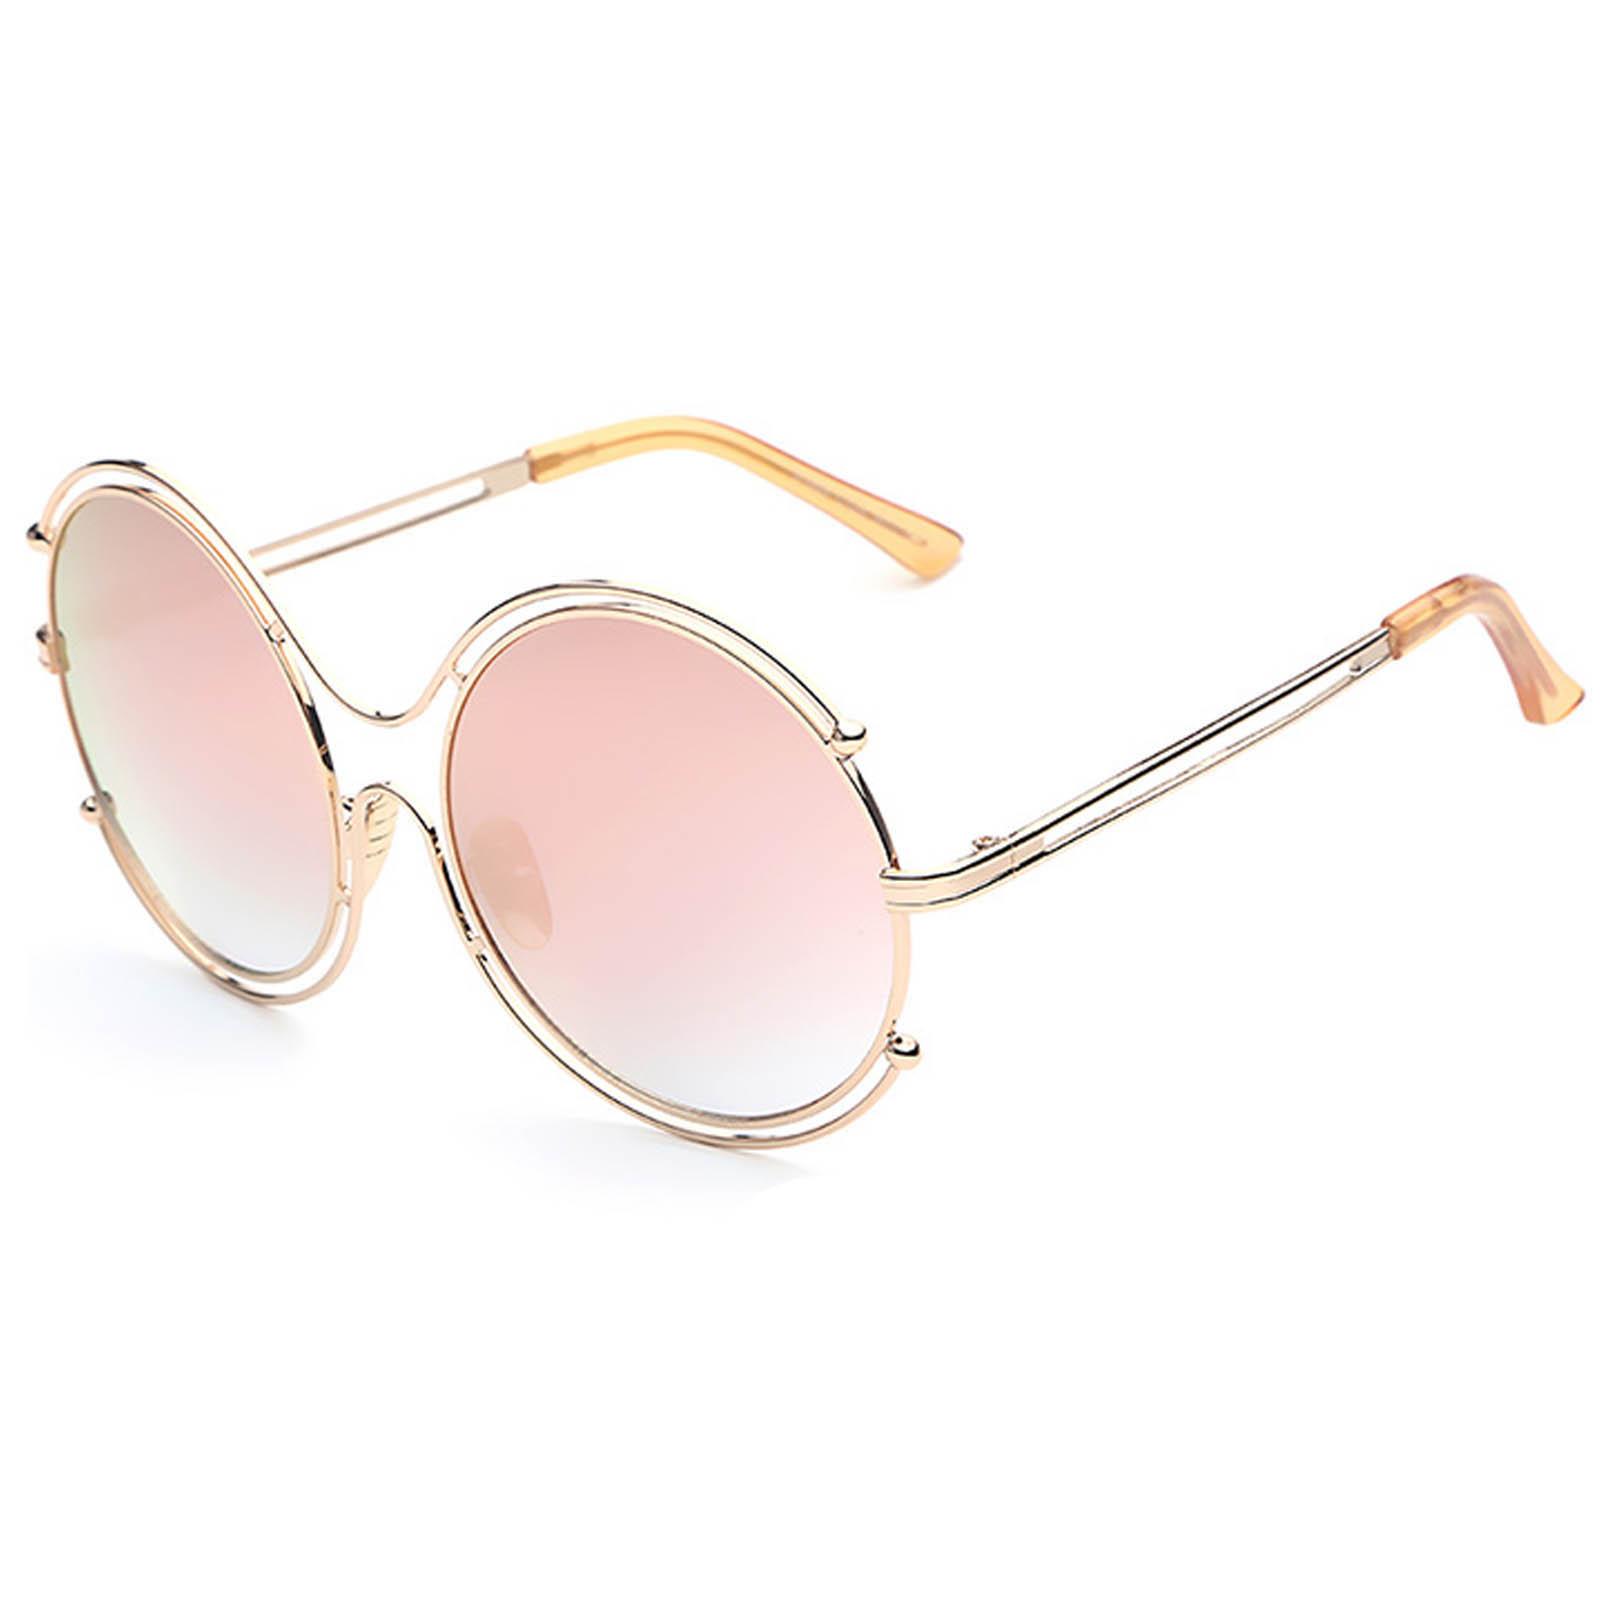 OWL ® 025 C2 Round Eyewear Sunglasses Women s Men s Metal Round Circle Gold  Frame Pink Mirror 53936320c6